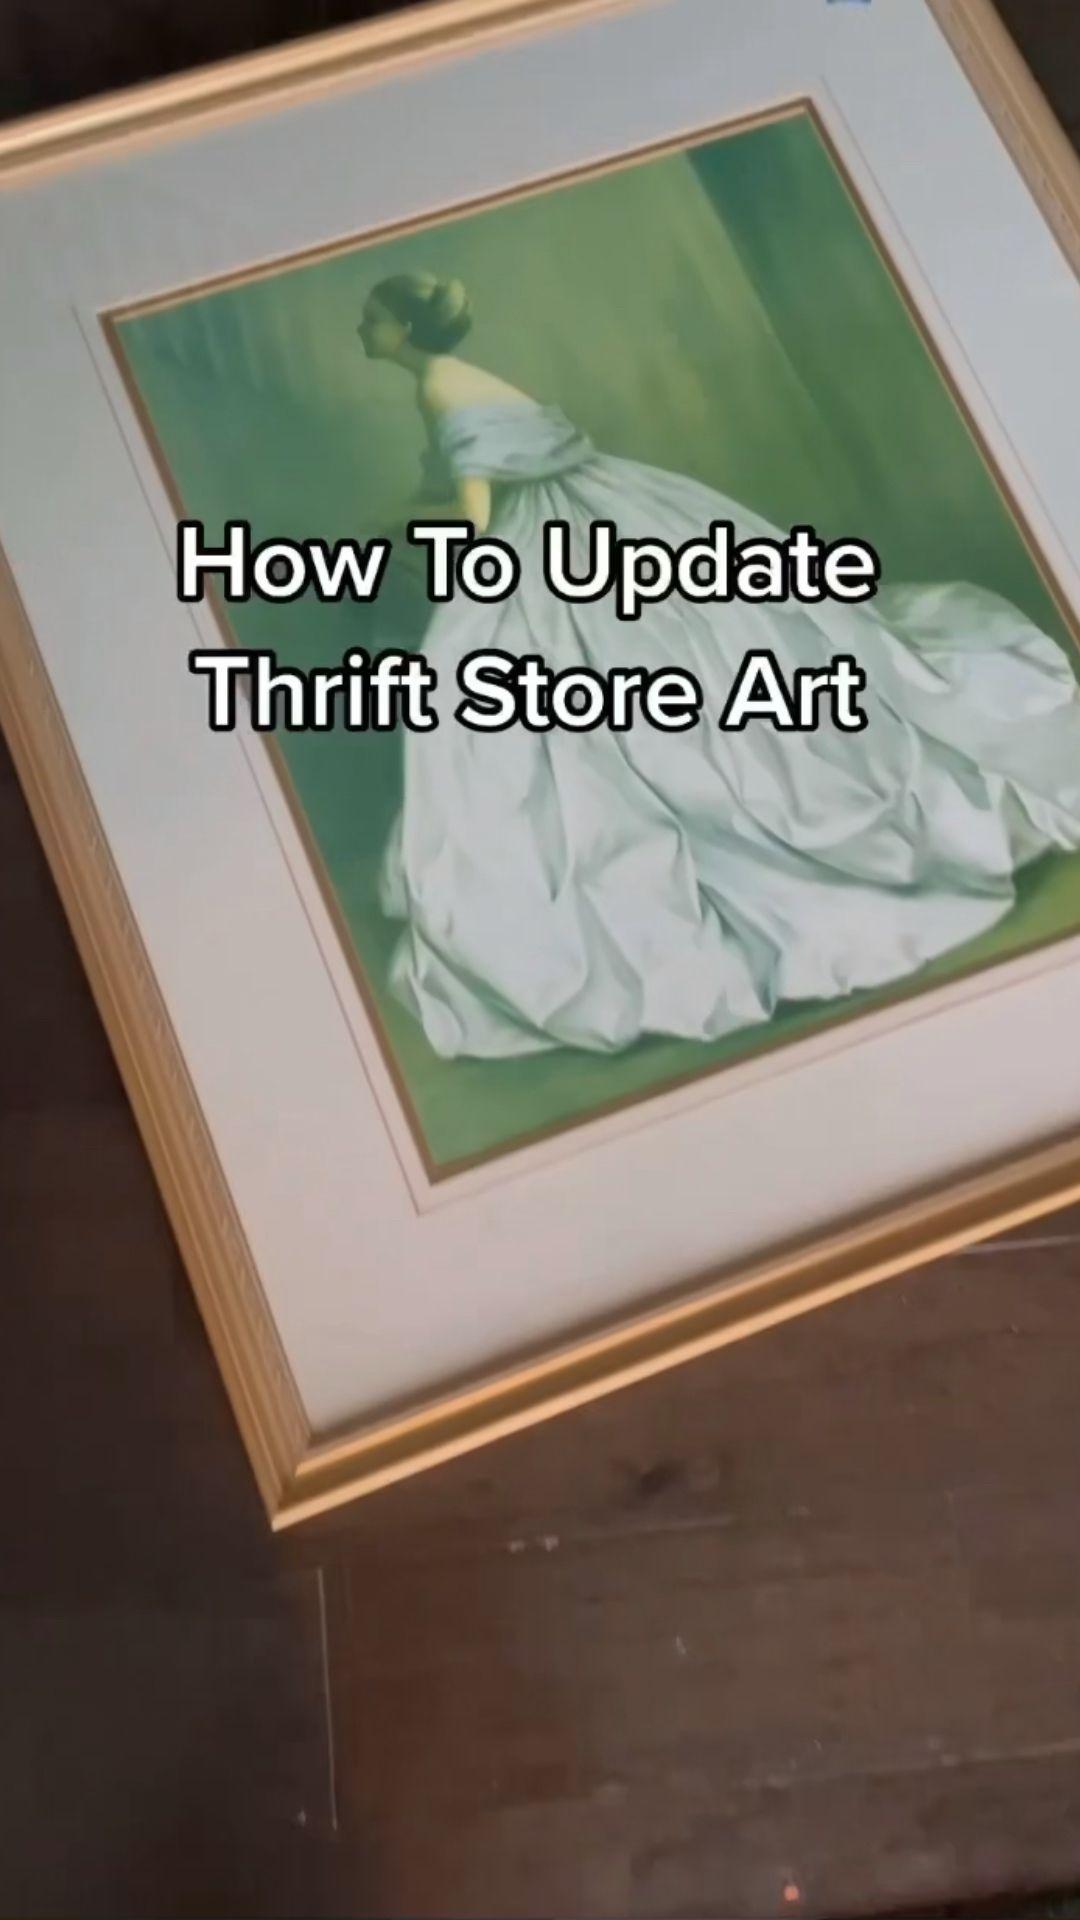 Updating Thrift Store Art